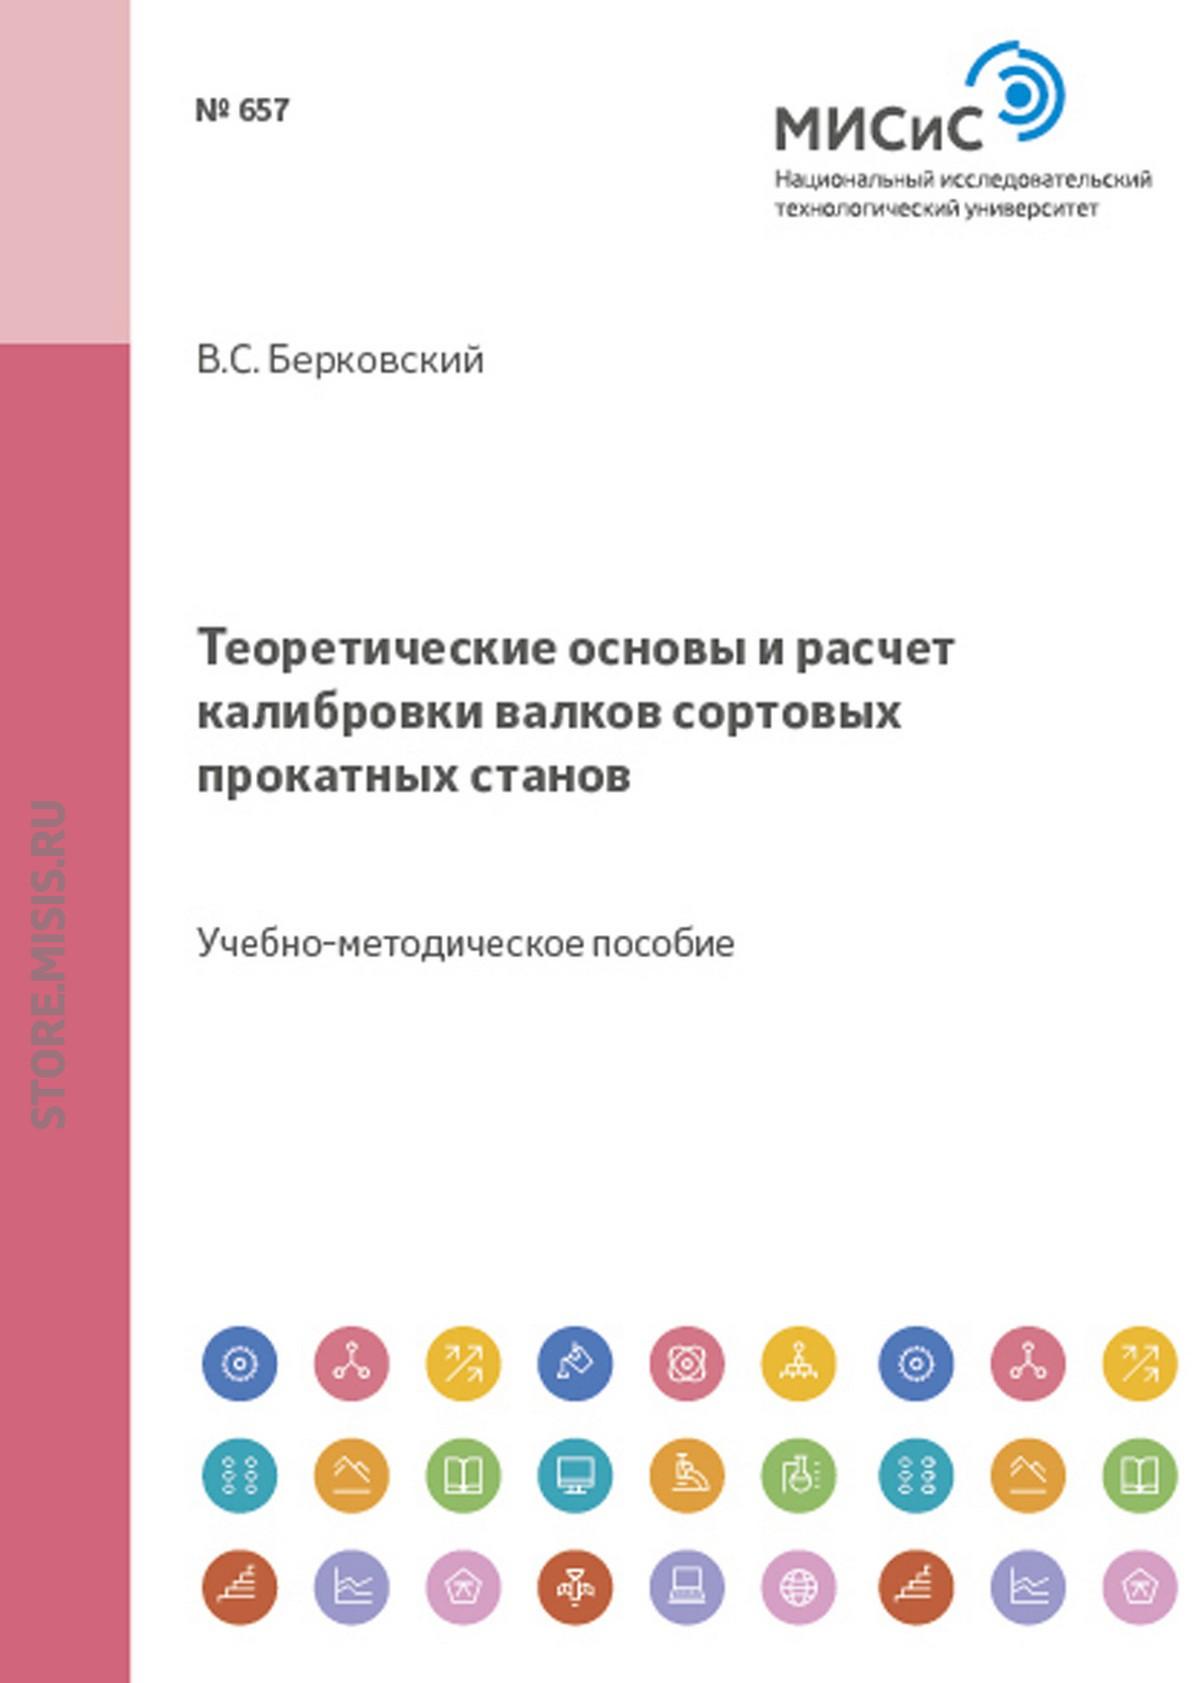 Виктор Берковский Теоретические основы и расчет калибровки валков сортовых прокатных станов